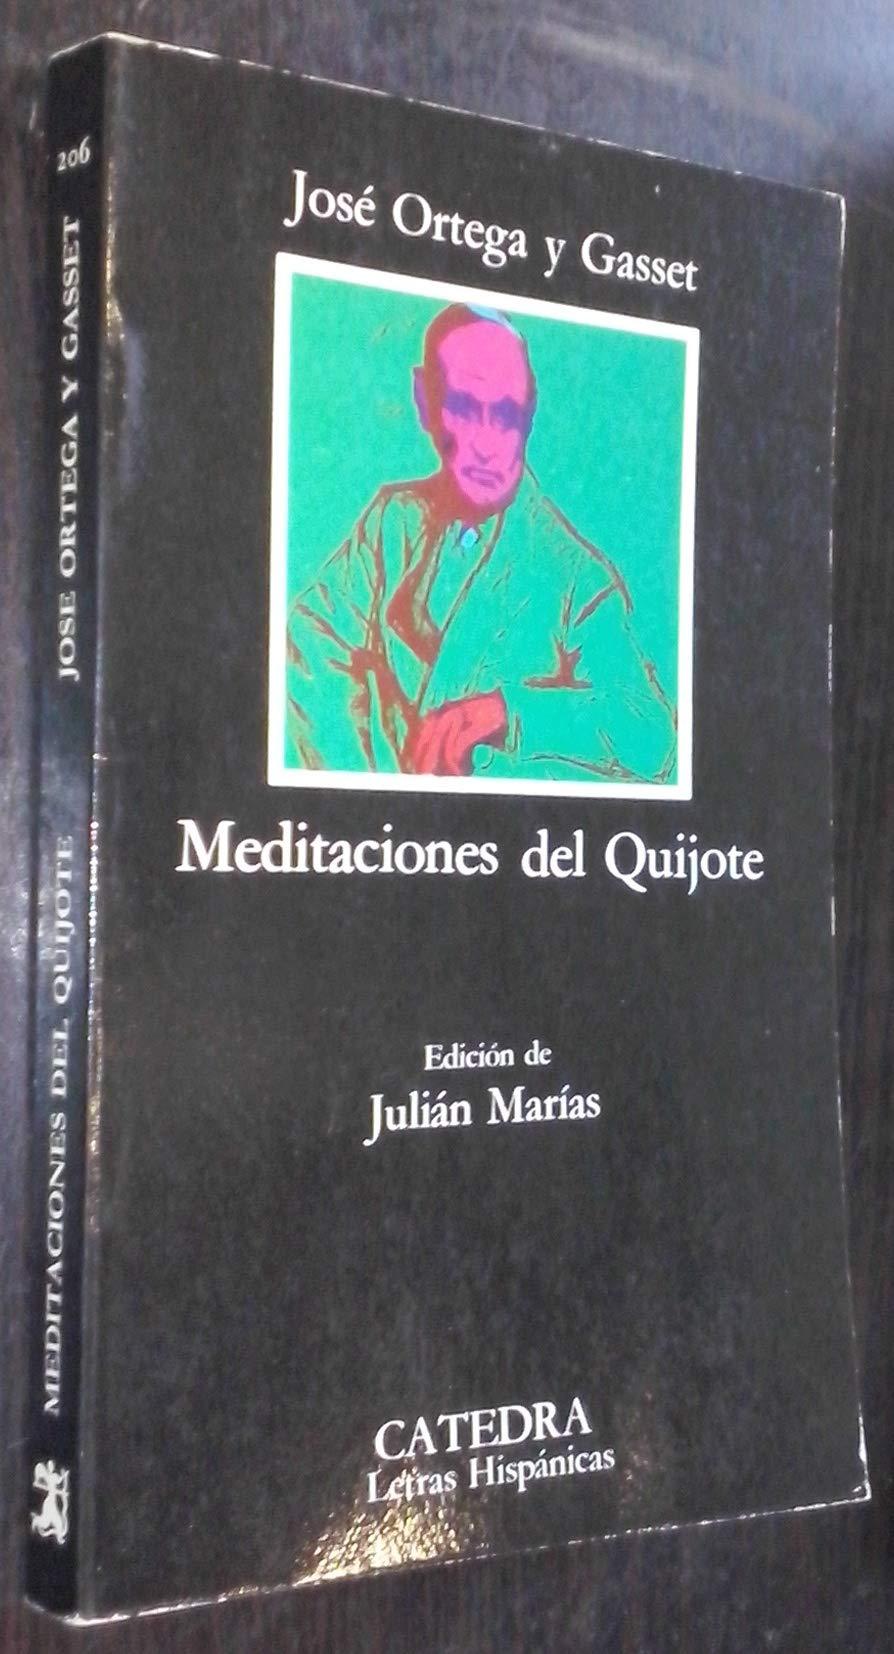 Meditaciones del Quijote: Amazon.es: ORTEGA Y GASSET, José: Libros